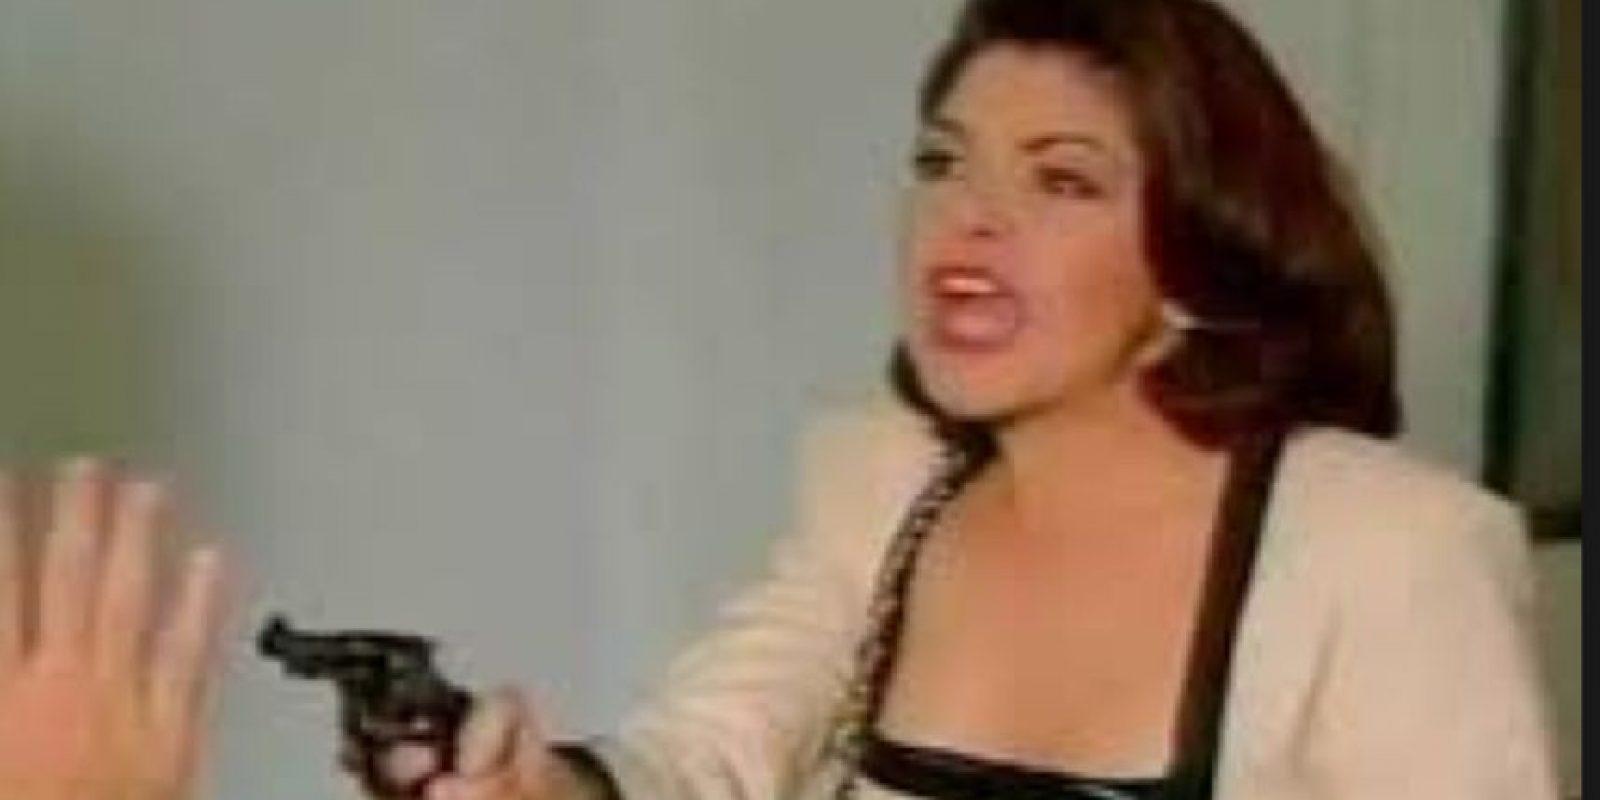 """Según Tanya Meléndez """" La villana tiene un disfrute de la moda que se le niega a la heroína, ya que con su ambición y su posición puede acercarse a ella. Además, cuando se ve la telenovela, hecha para mujeres que tienen mucho que hacer, se le debe reconocer de un modo fácil."""" Foto:vía Canal de las Estrellas"""